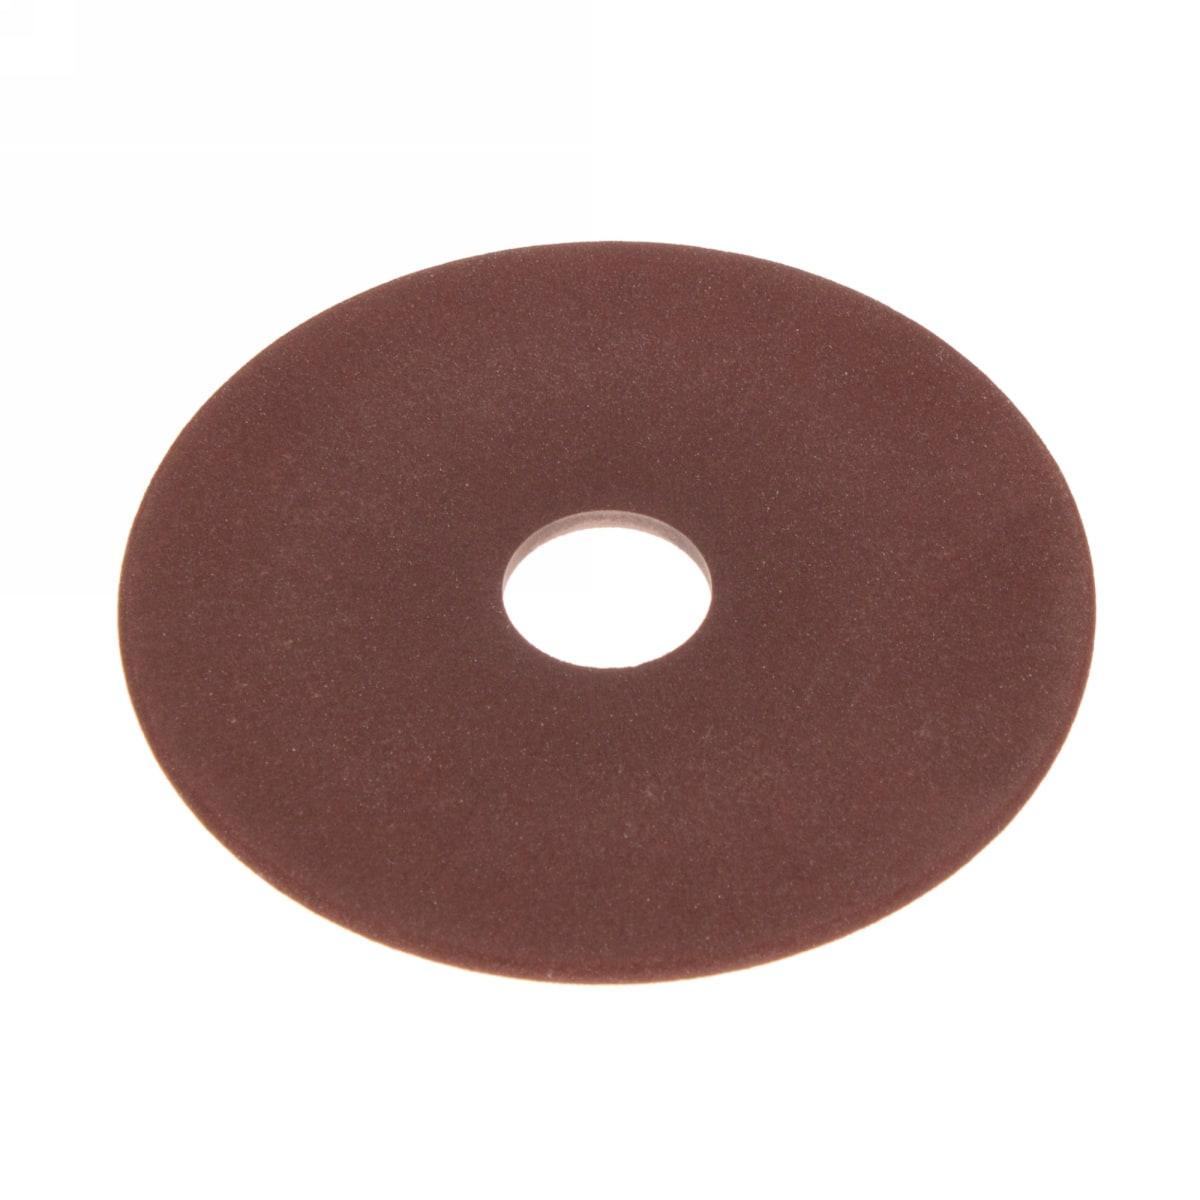 Шлифовальный круг для цепных пил QT8700